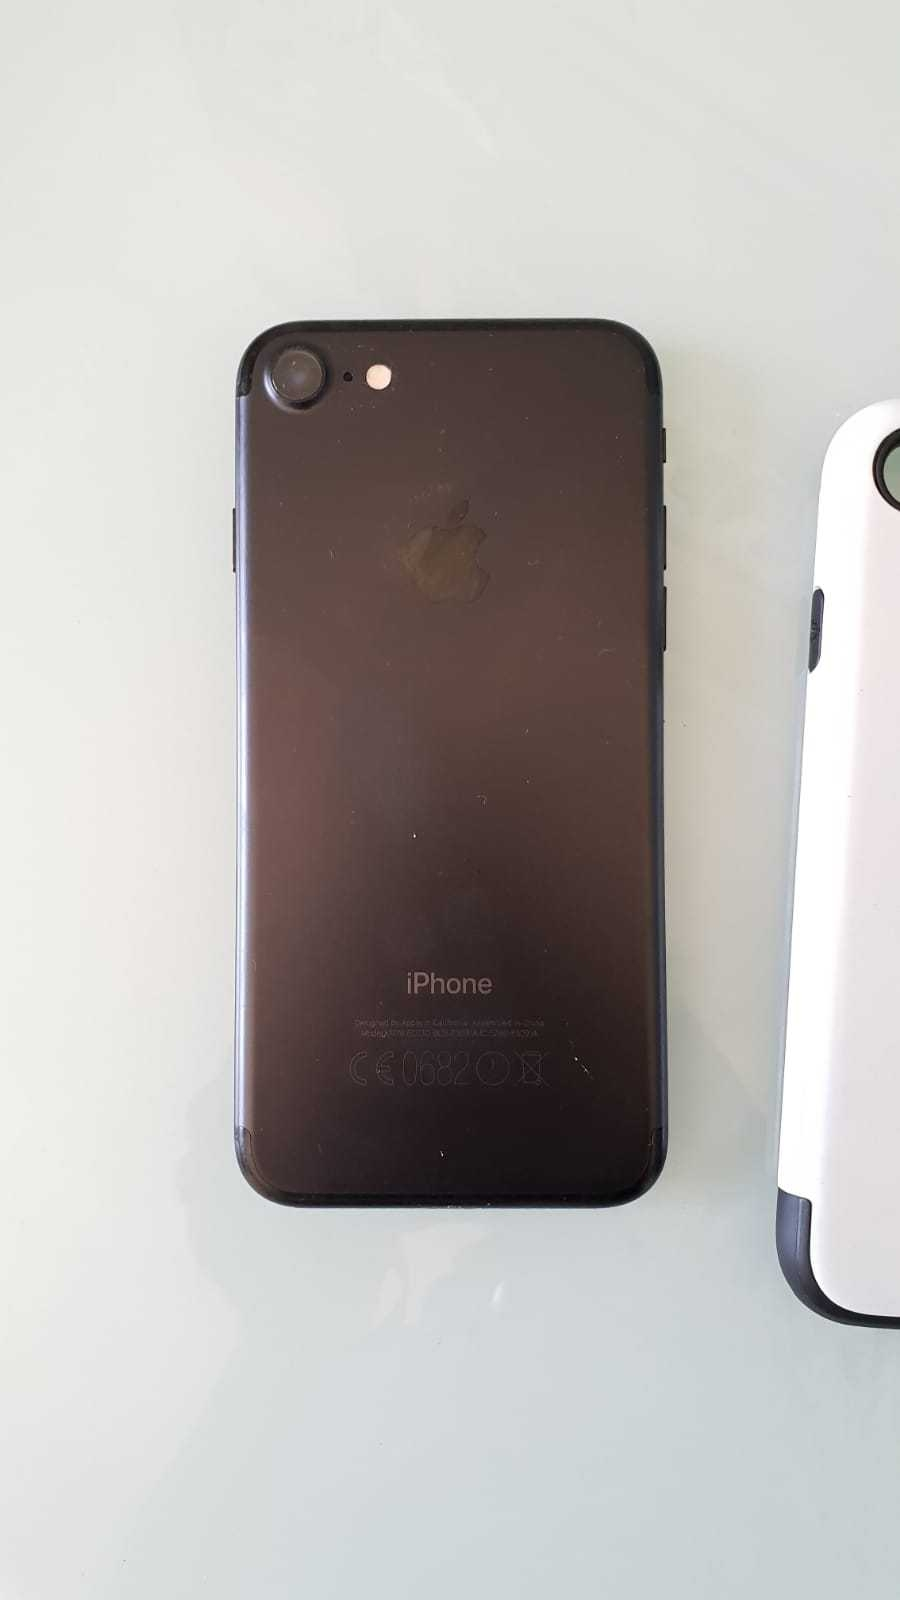 מכשיר סלולרי אפל Apple אייפון 7 בבית-שמש והסביבה